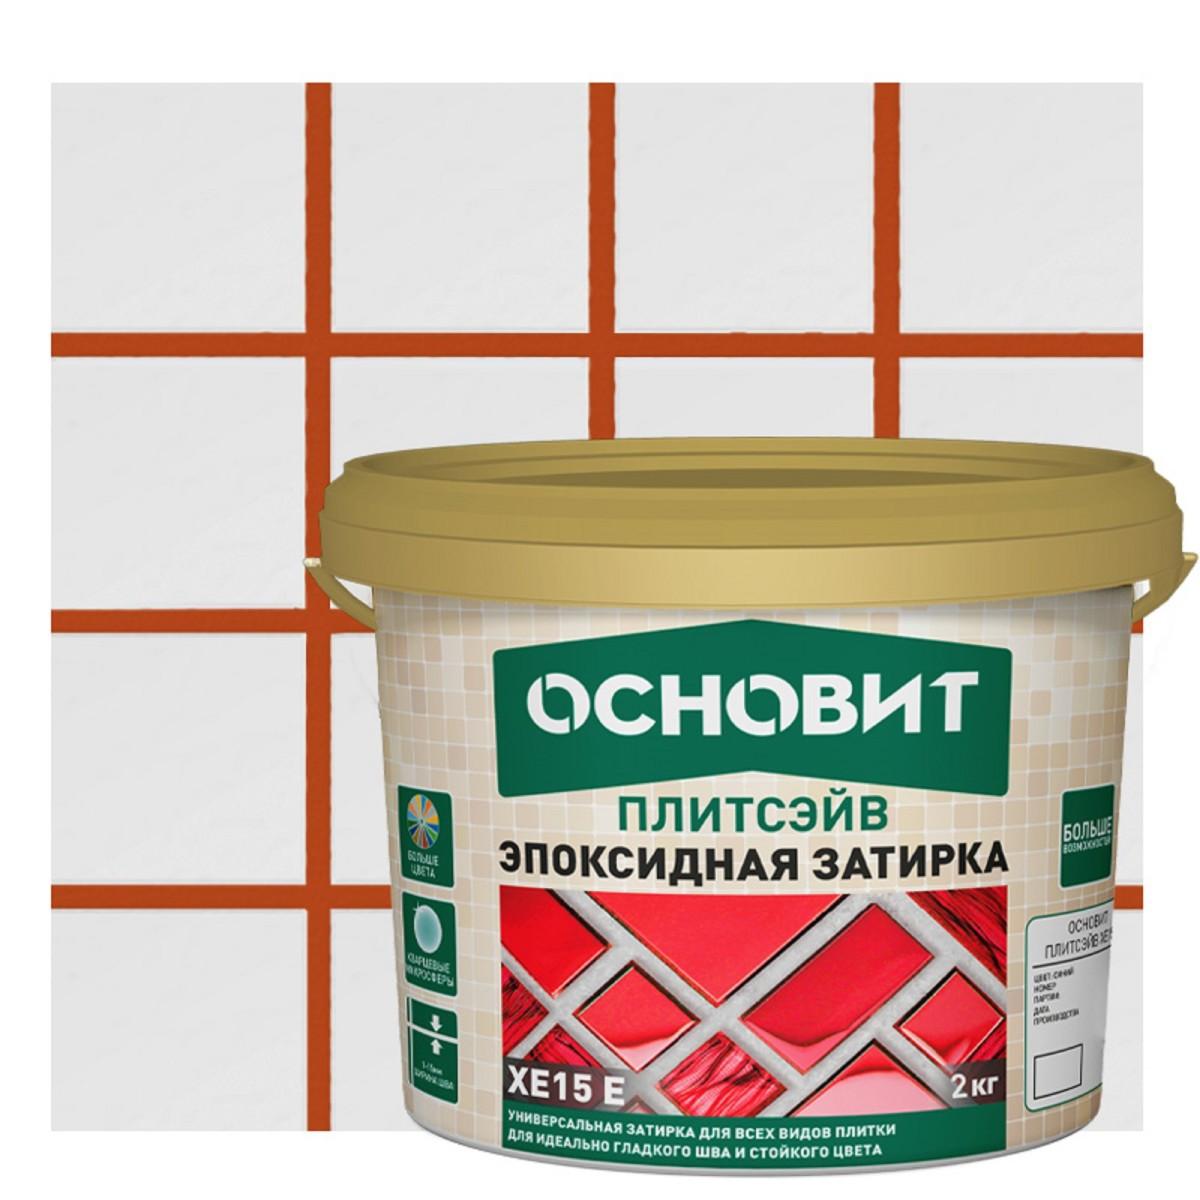 Затирка эпоксидная Основит Плитсэйв XE15Е цвет коричневый 2 кг